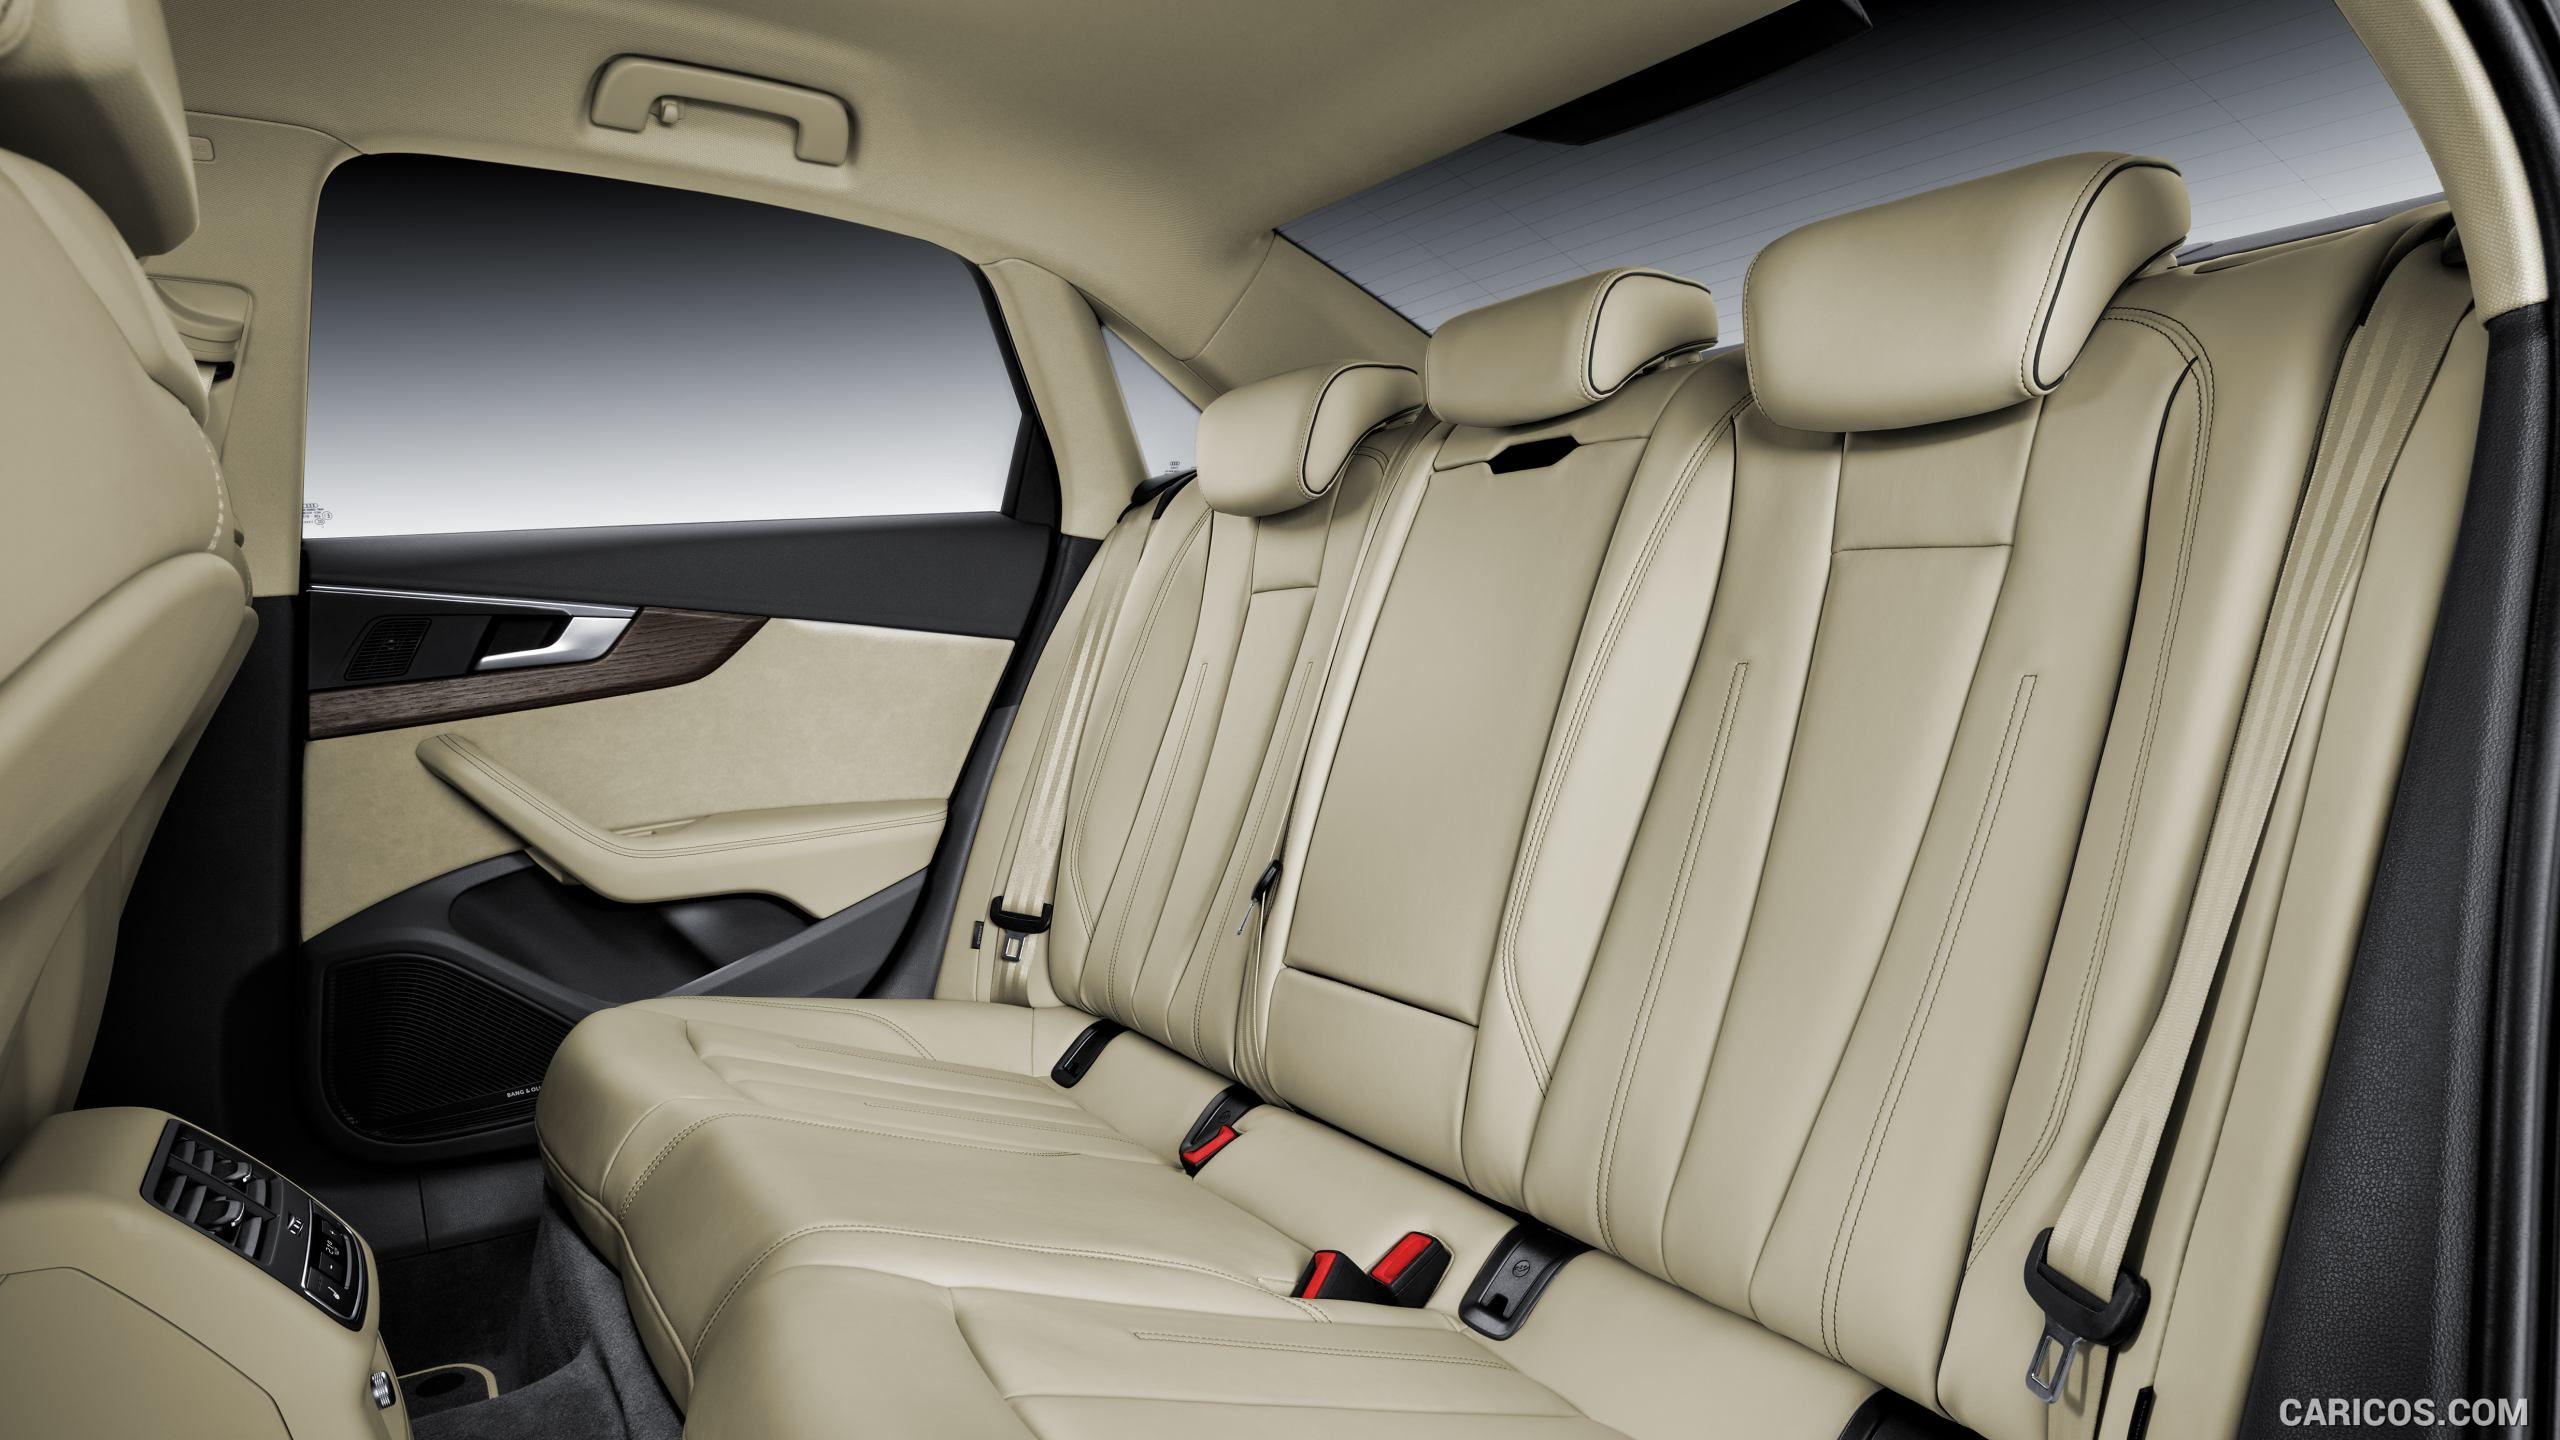 2016 Audi A4 Wallpaper Audi A4 Audi Rear Seat